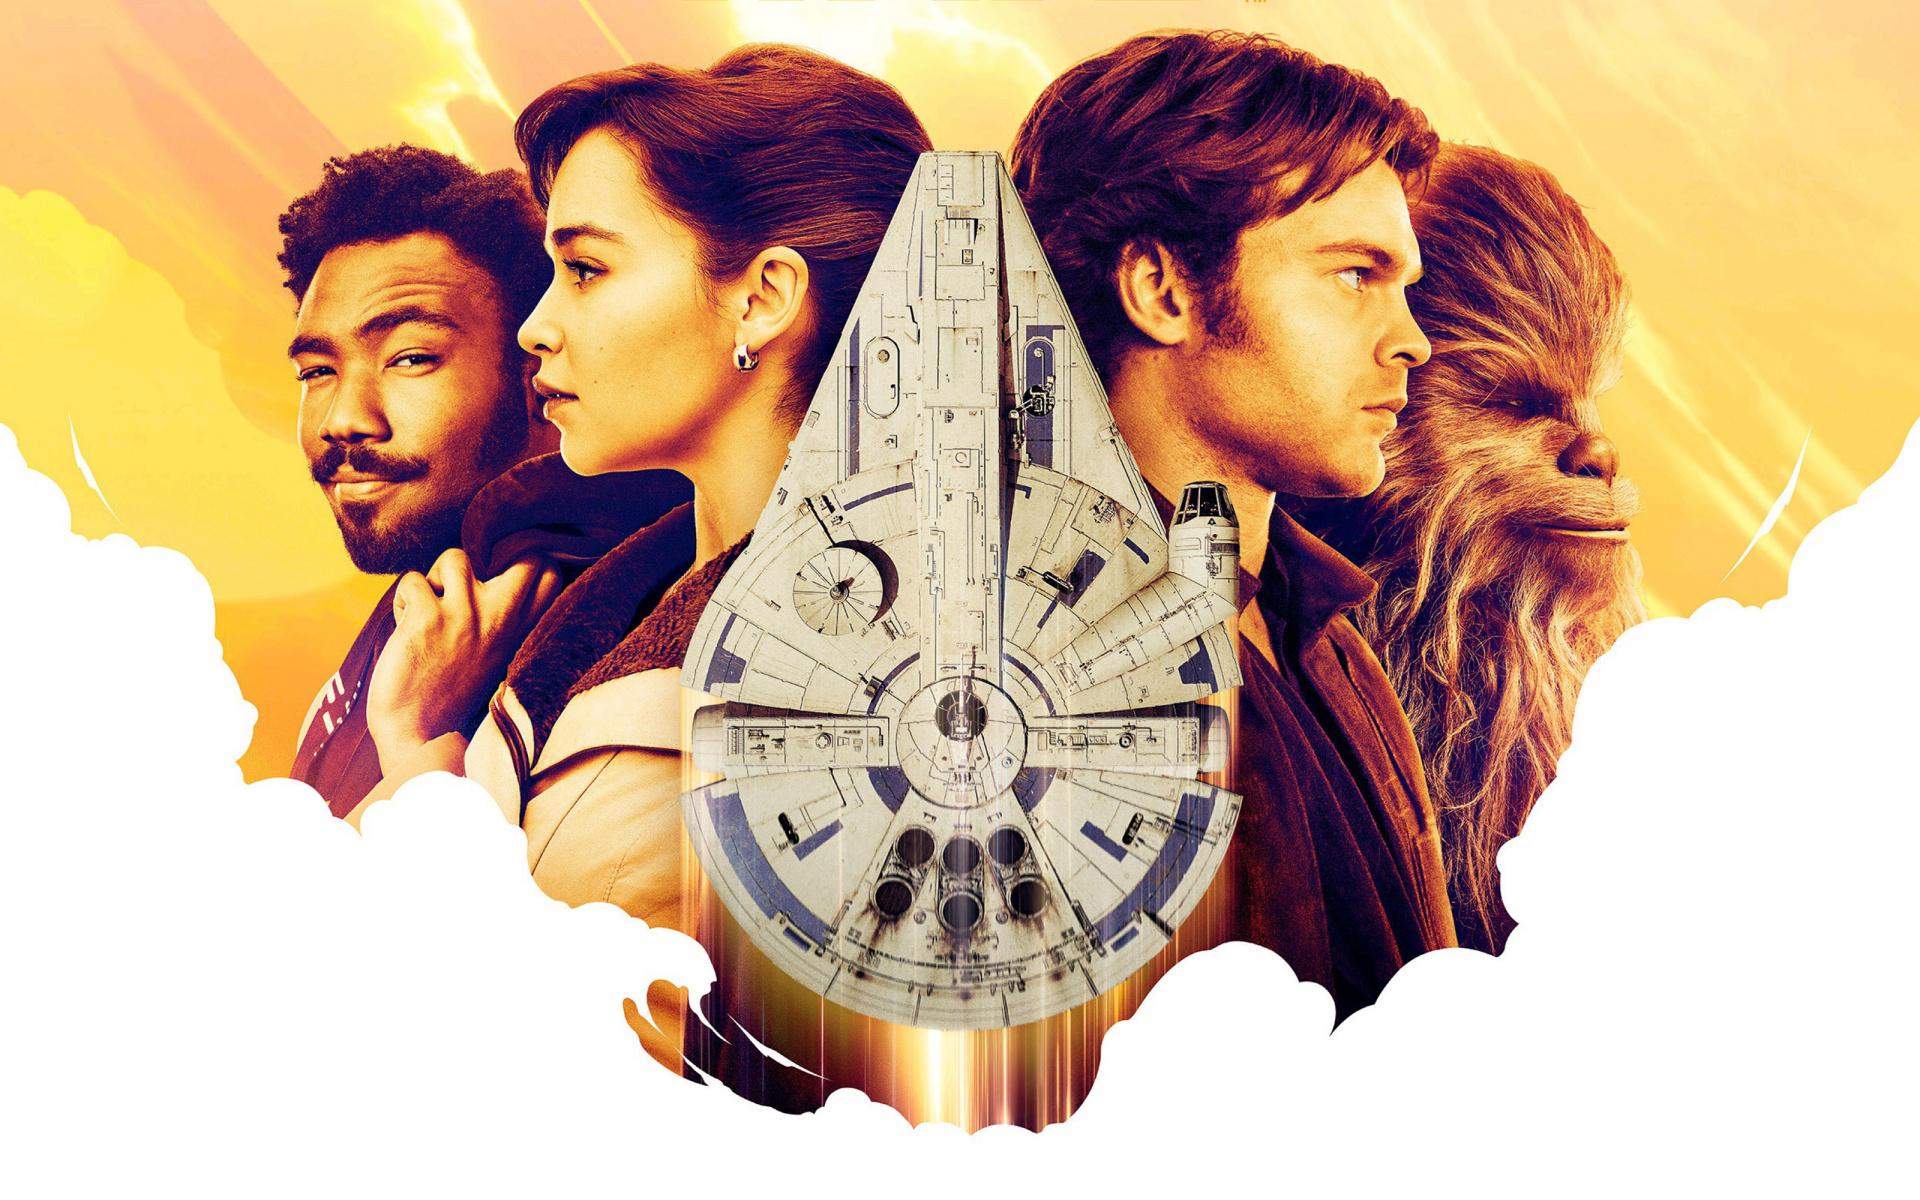 СМИ: «Соло» может получить продолжение в виде сериала на Disney+